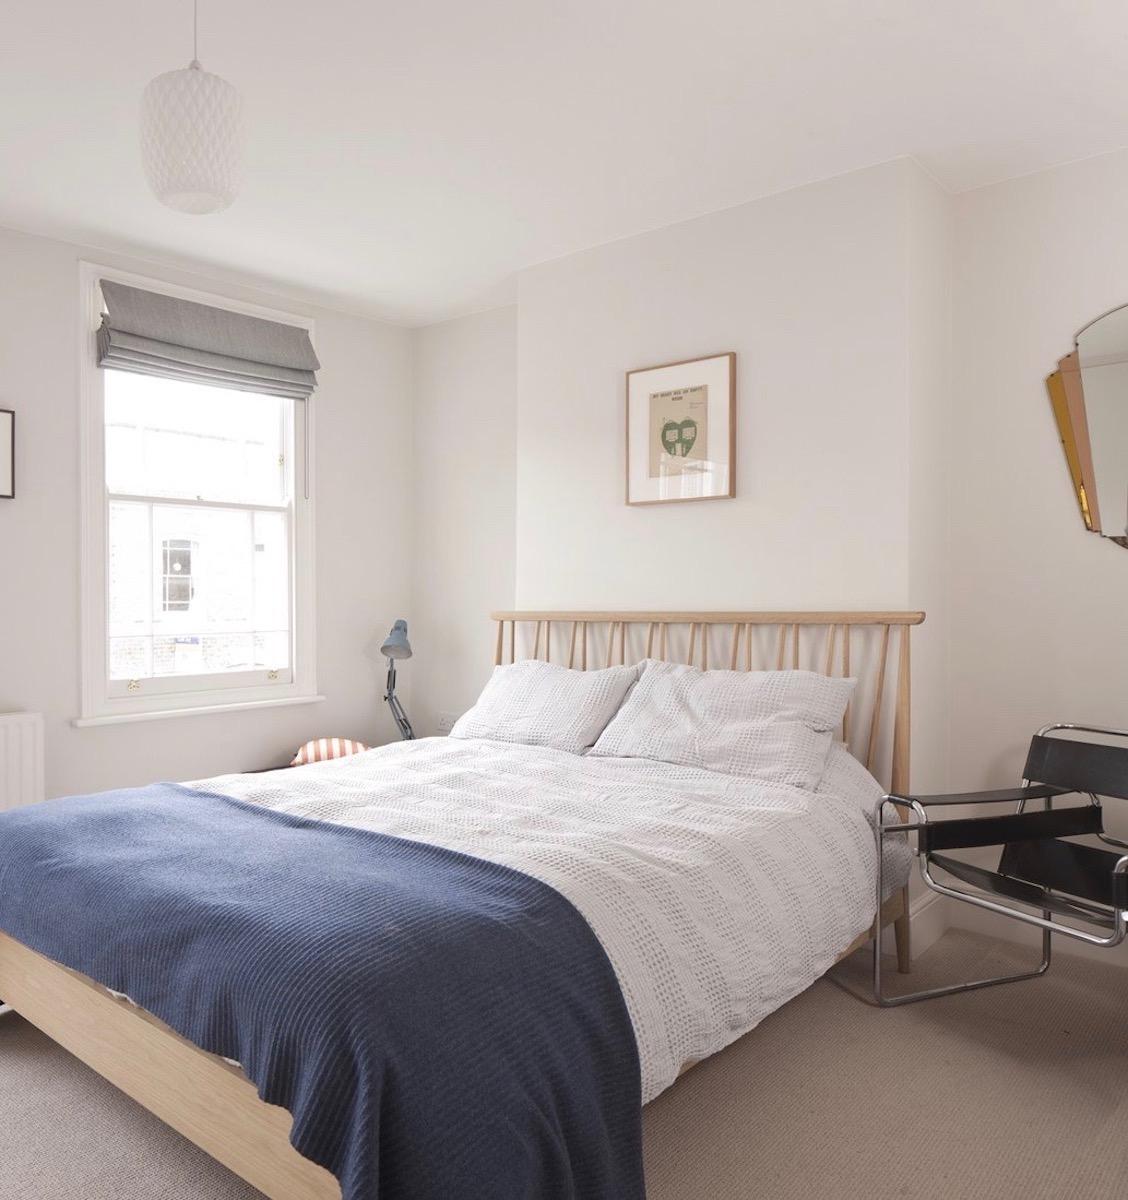 chambre après rénovation maison londonienne design tendance spacieuse déco décoration intérieure clematc